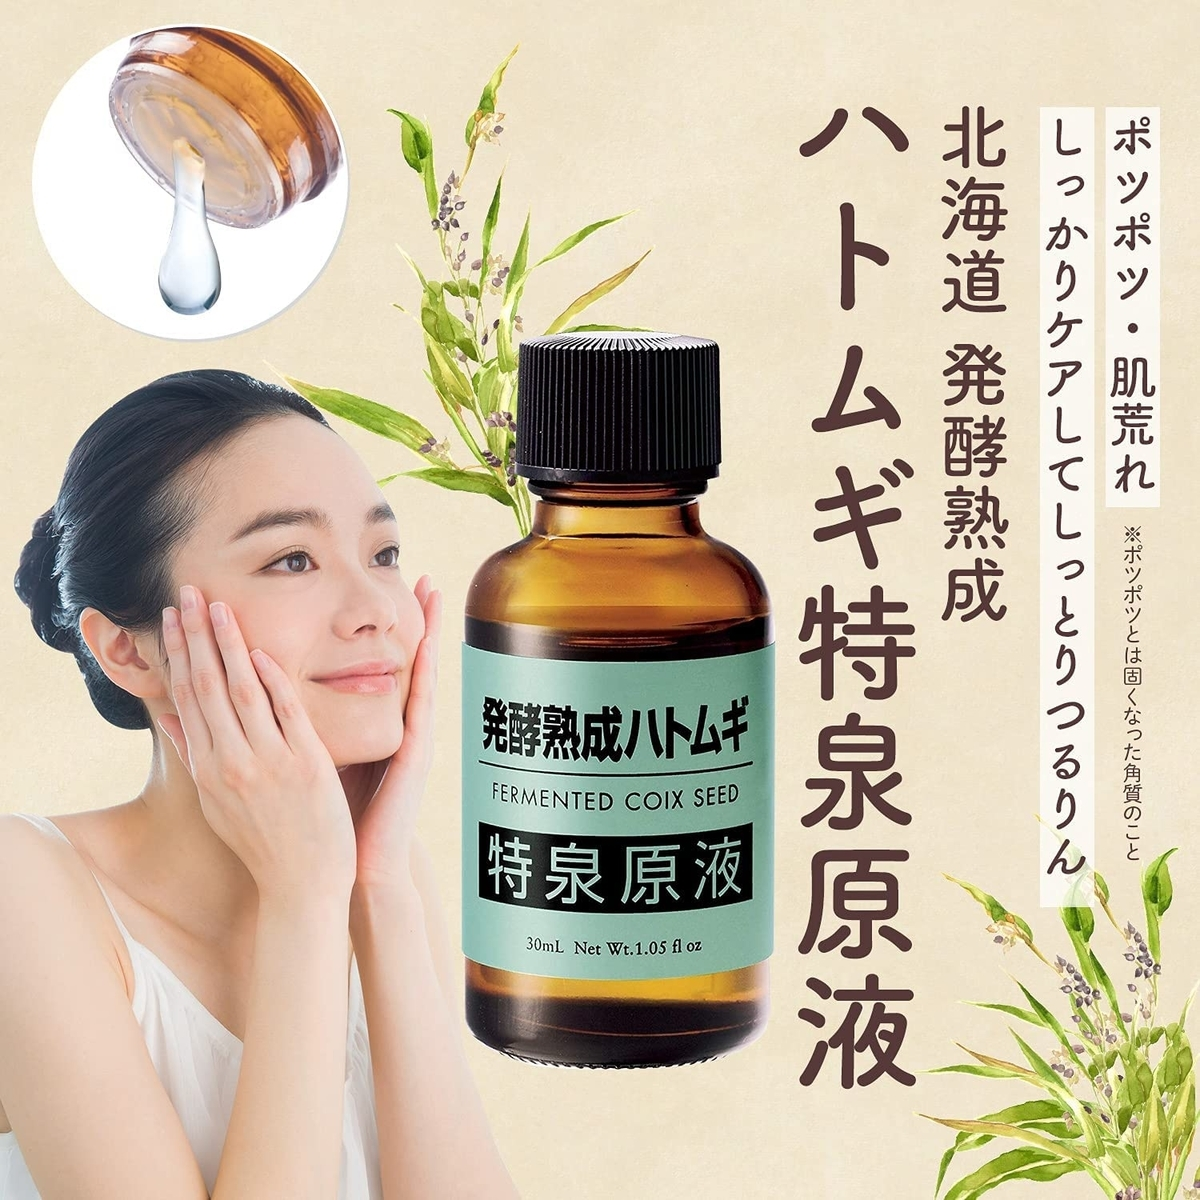 北海道 発酵熟成ハトムギ ハトムギ 特泉原液